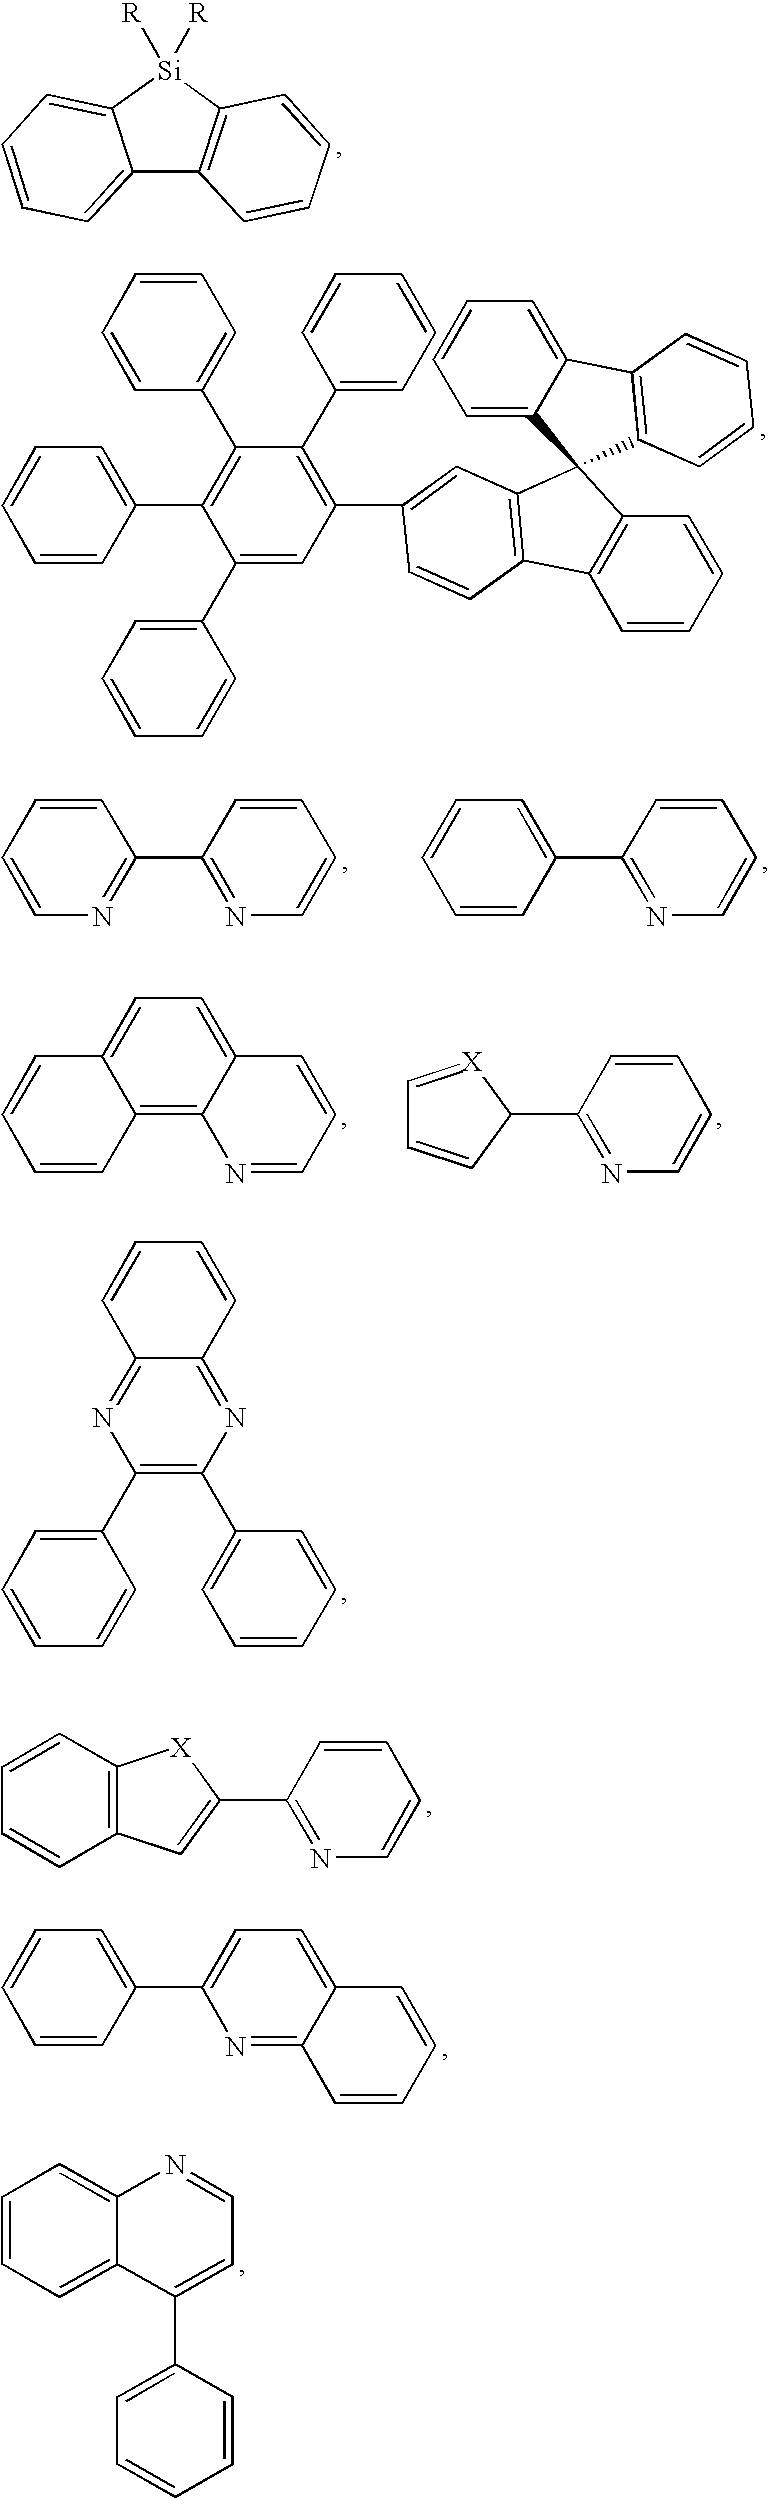 Figure US07192657-20070320-C00088